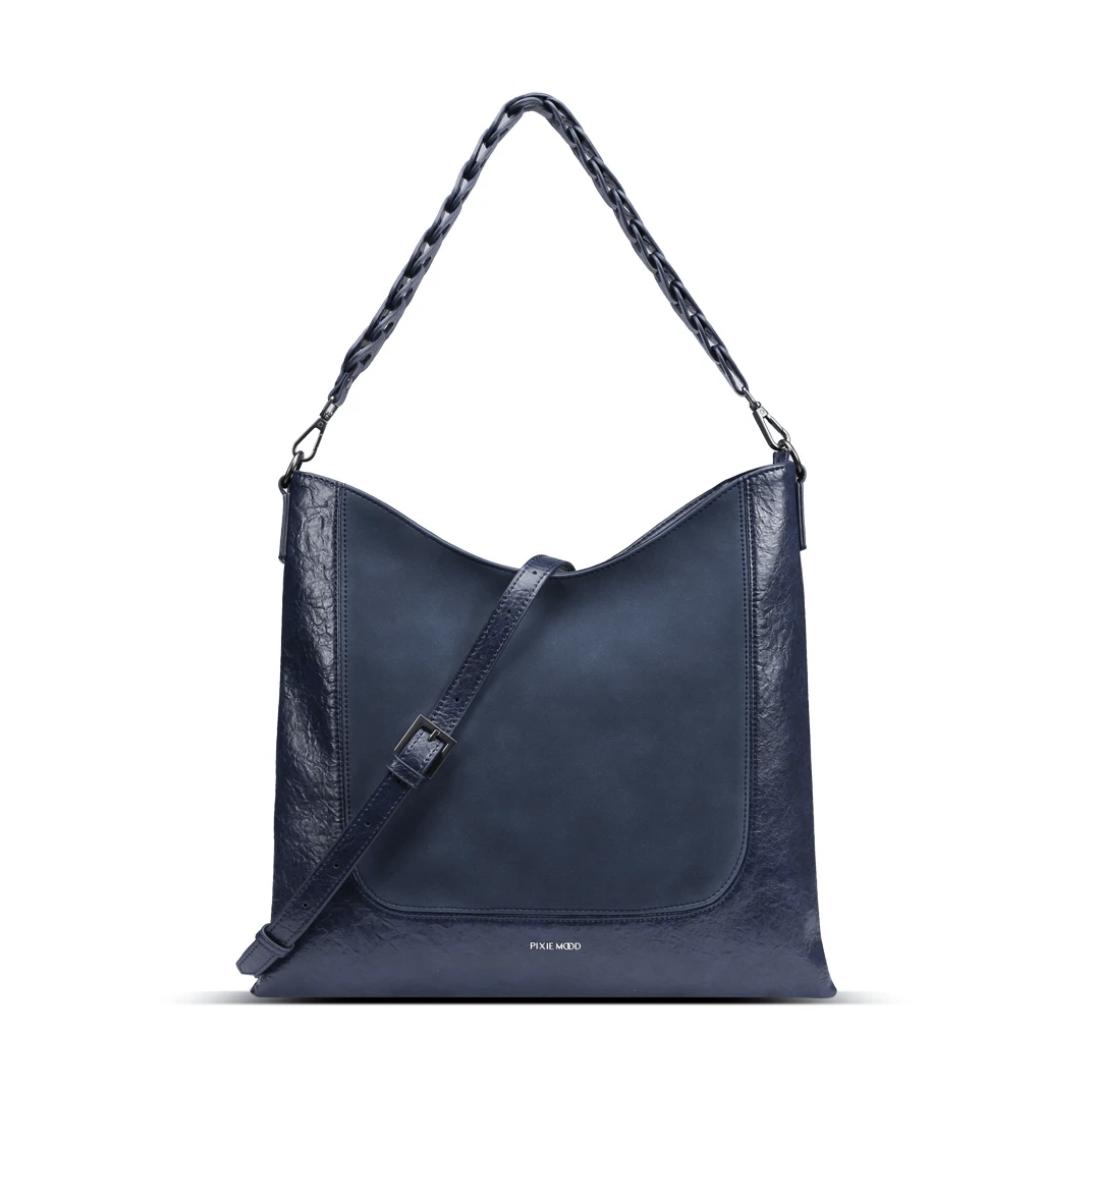 Pixie Mood Millie Shoulder Bag-Vintage Blue/Nubuck